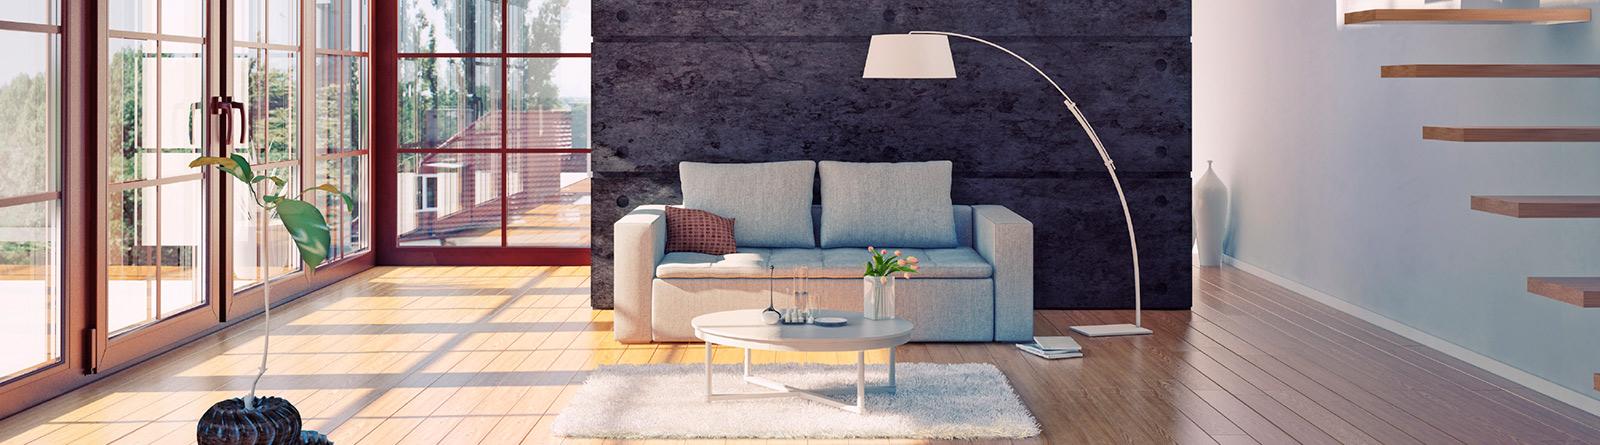 le n 1 mondial pour n gocier vos assurances aon. Black Bedroom Furniture Sets. Home Design Ideas